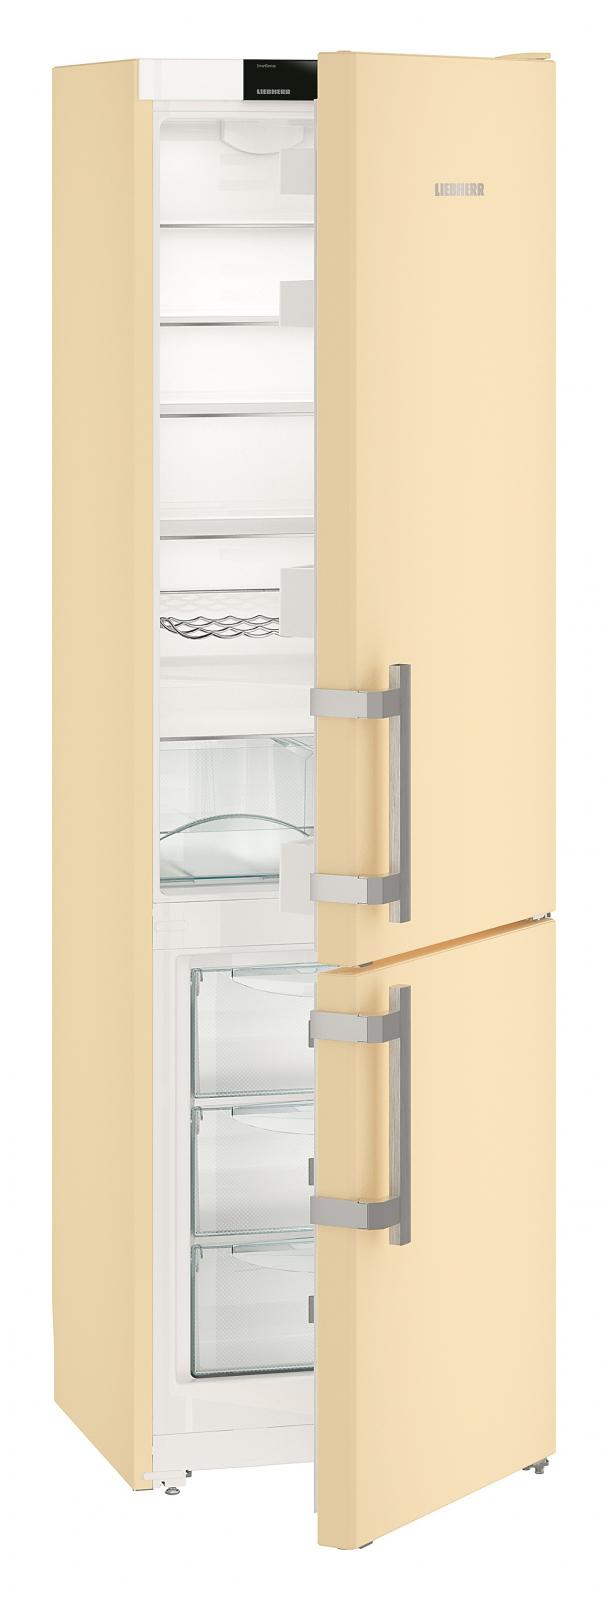 купить Двухкамерный холодильник Liebherr CUbe 4015 Украина фото 4